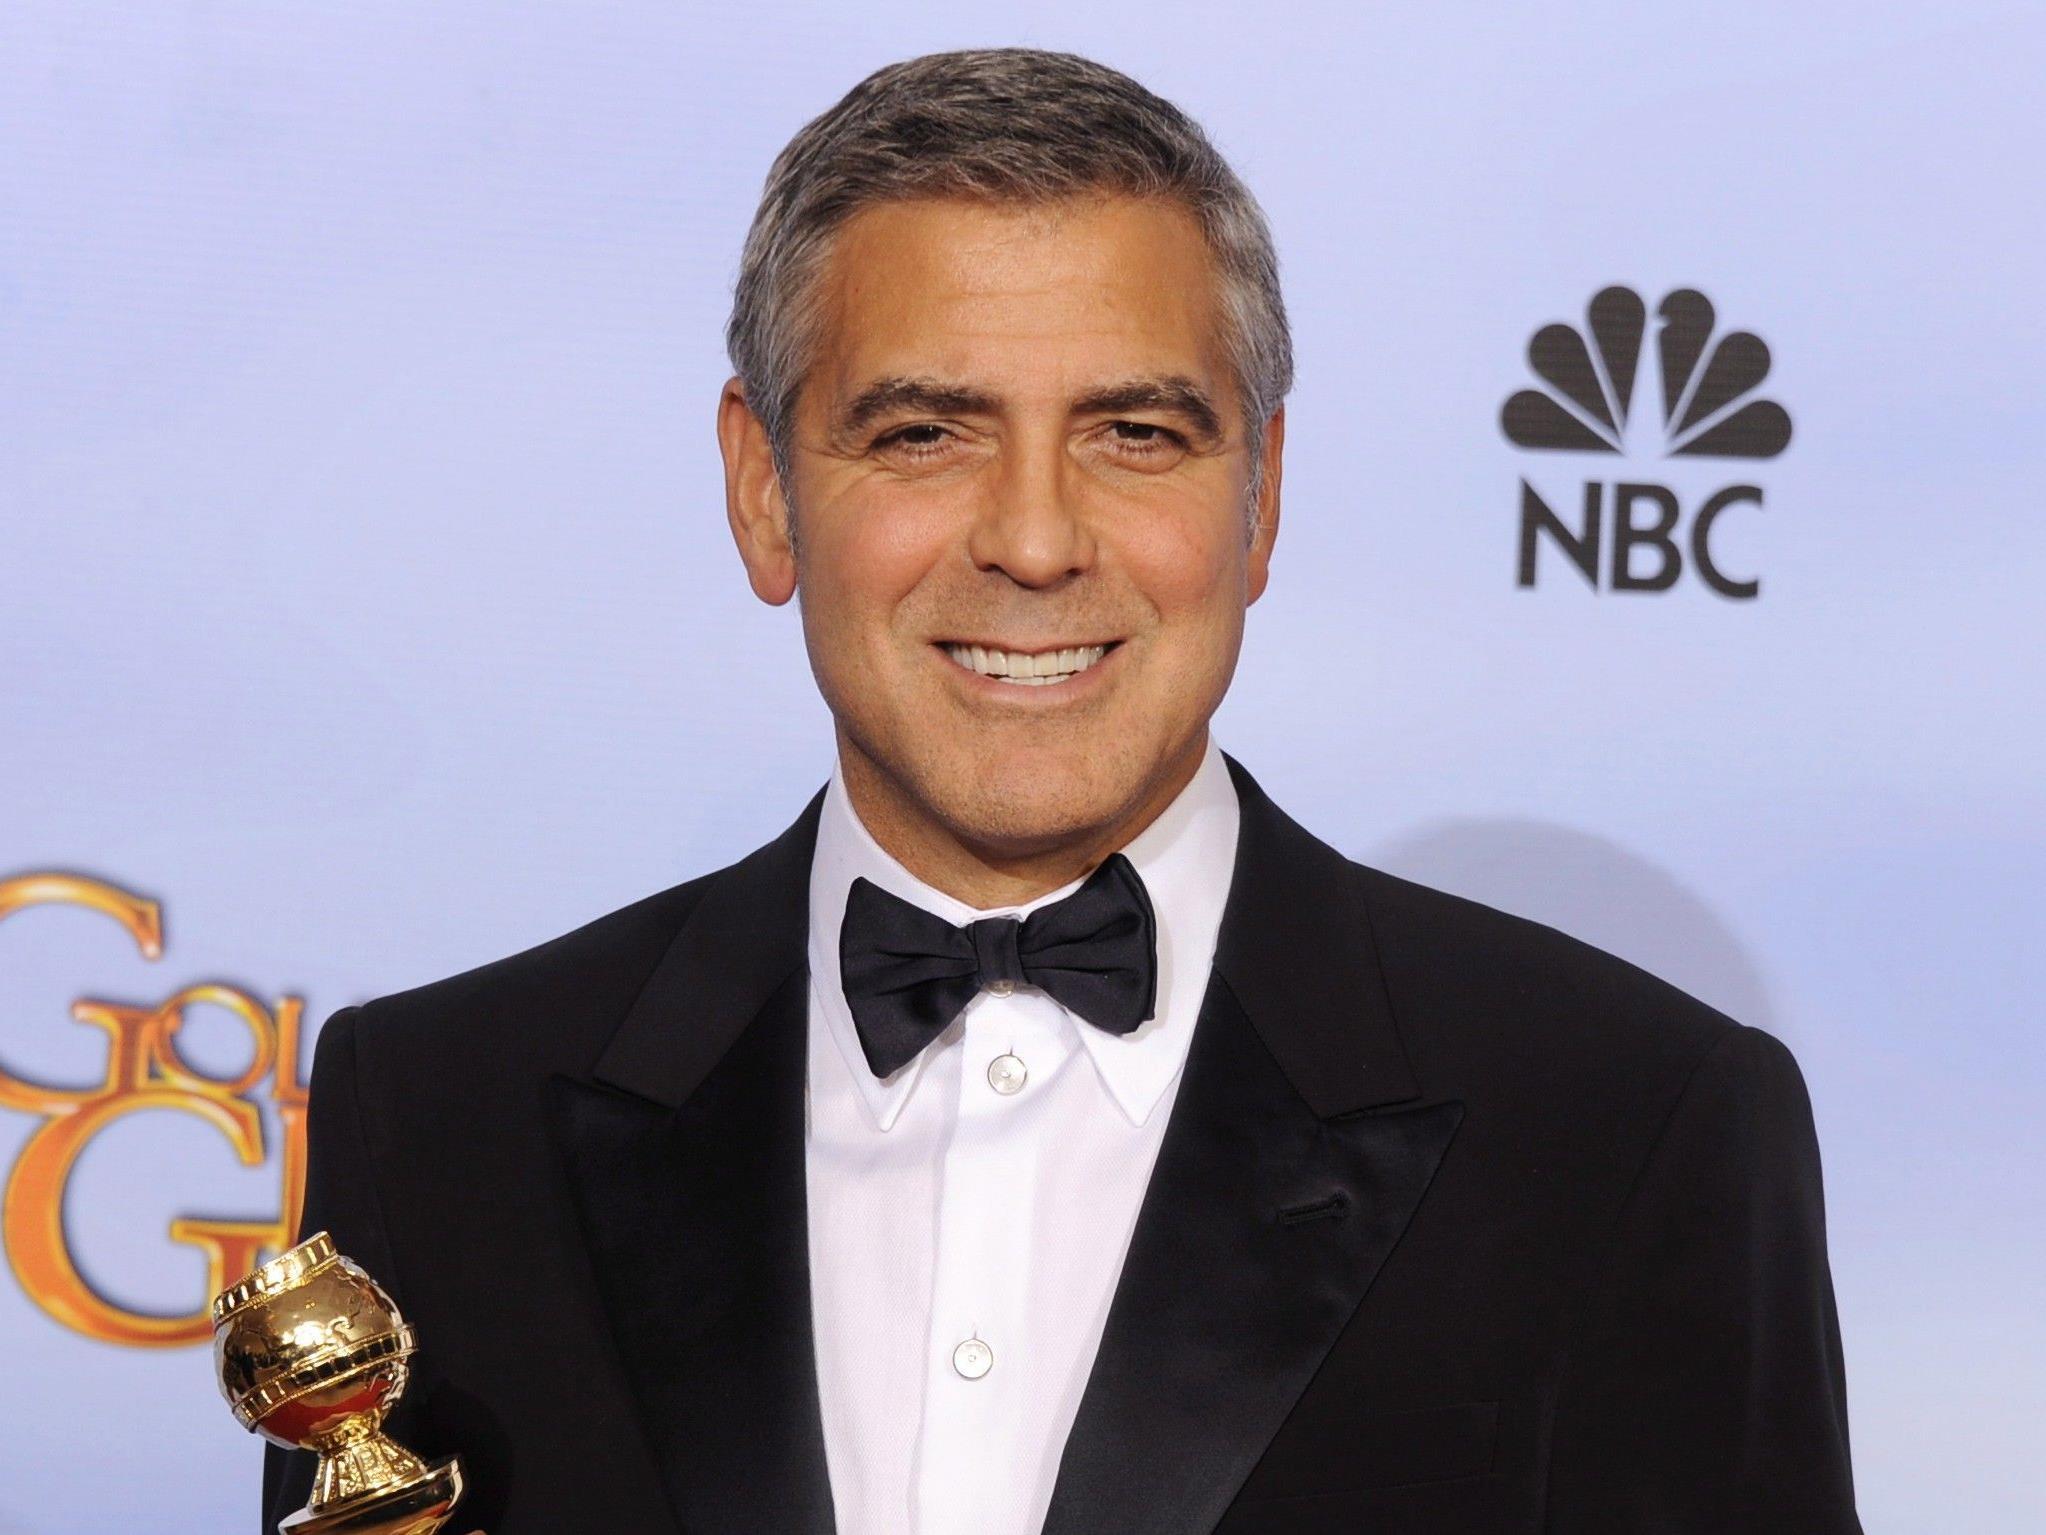 Der Oscar-Preisträger will auch nach seinem Tod wohltätig sein und seine lebenswichtigen Organe spenden.